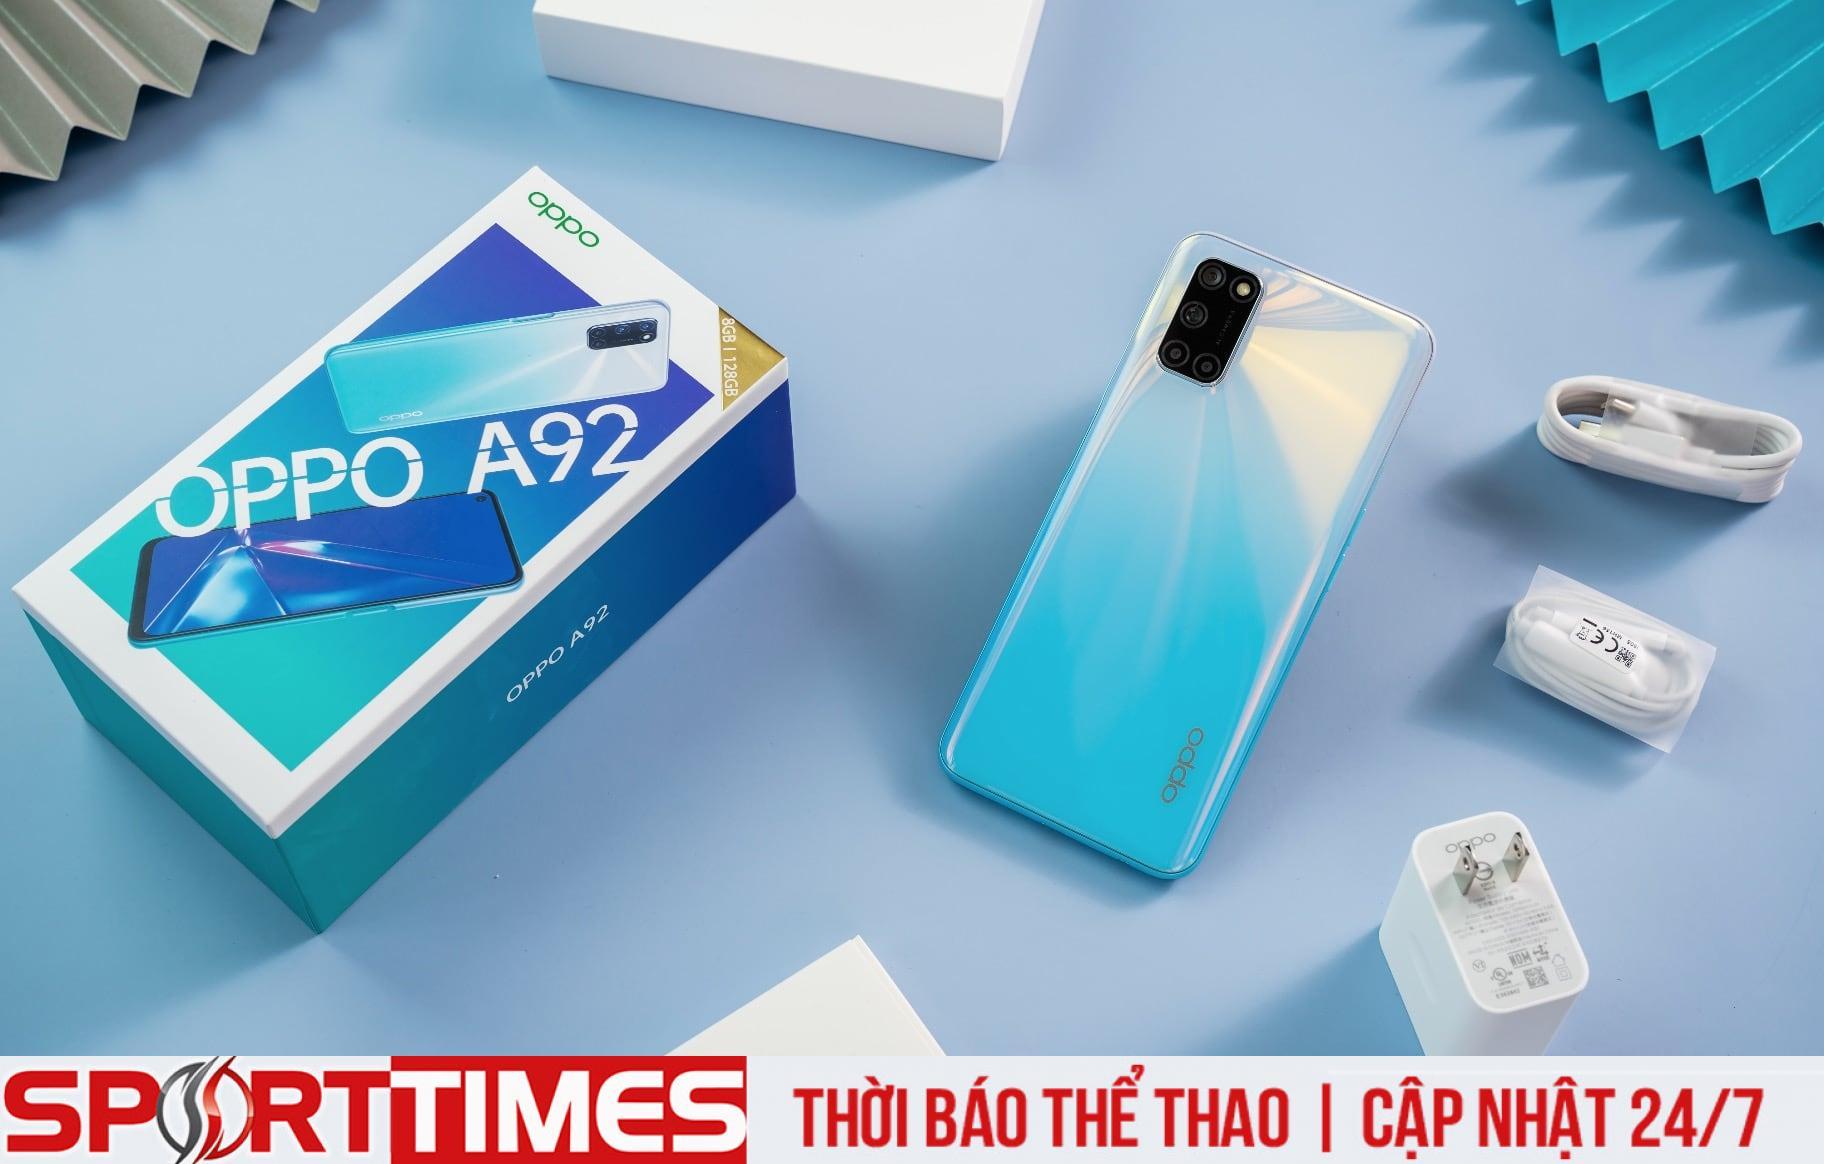 Oppo A92 với pin khủng có giá 6,99 triệu đồng tại Việt Nam